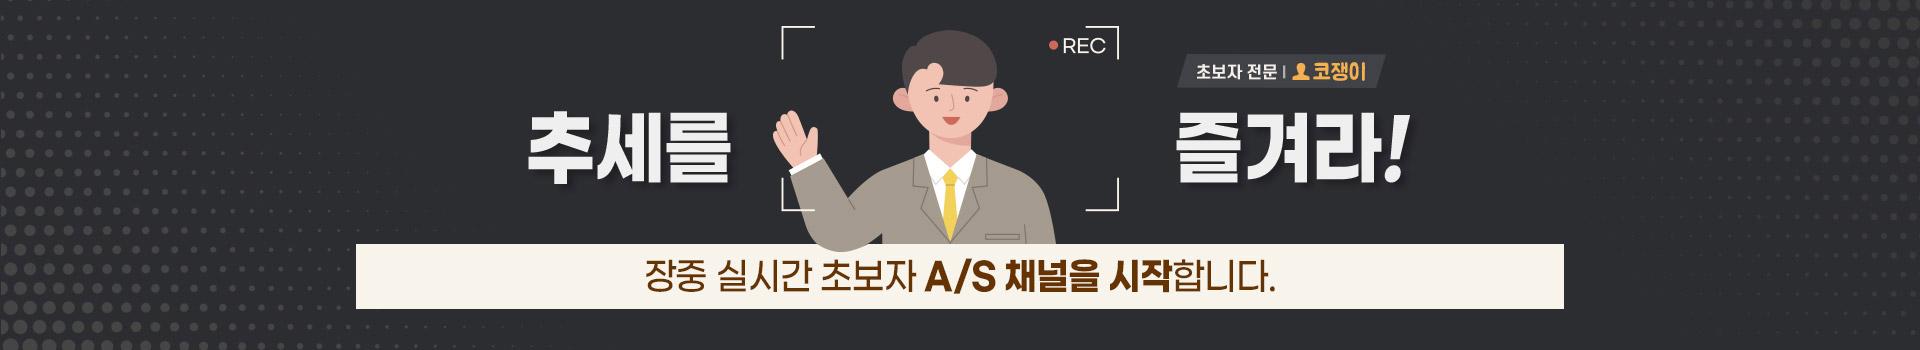 코쟁이 초보아카 채널